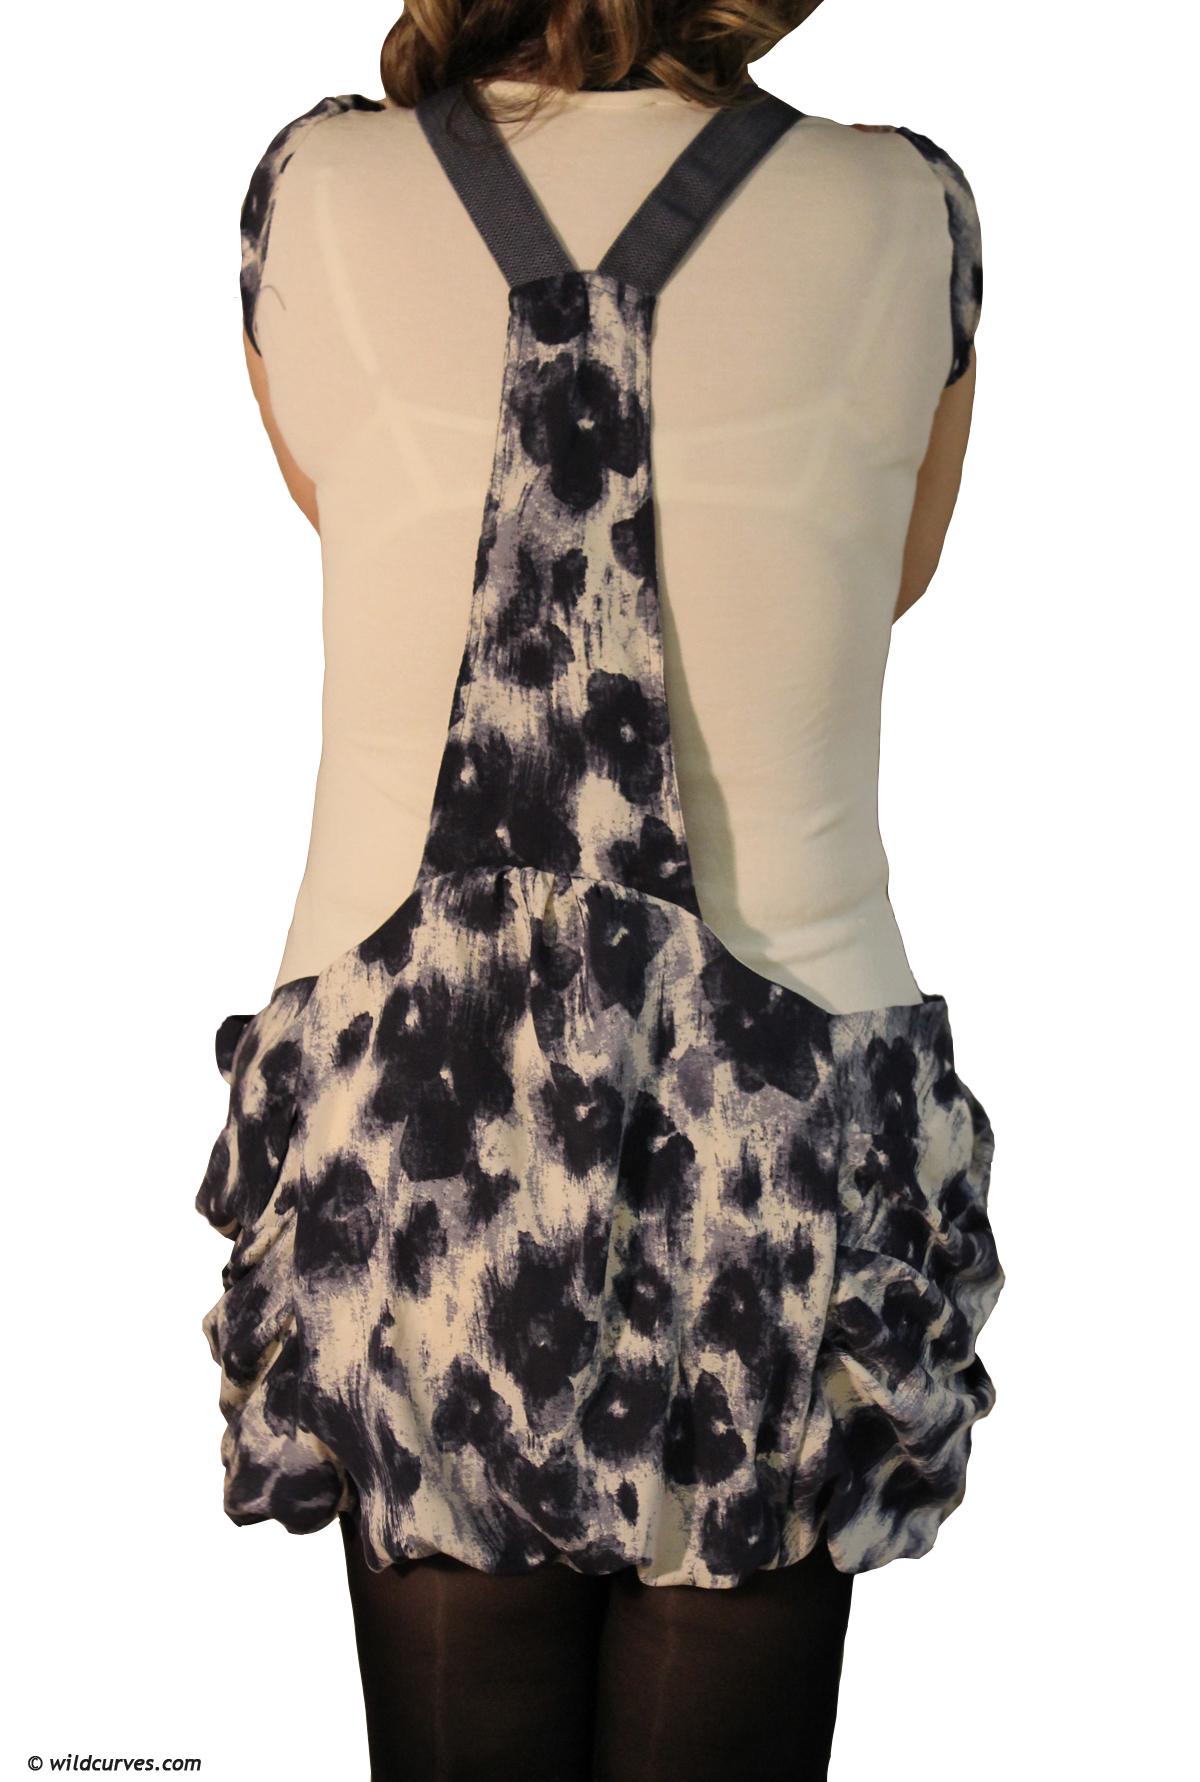 2026 Paris Zizette Mini-Dress